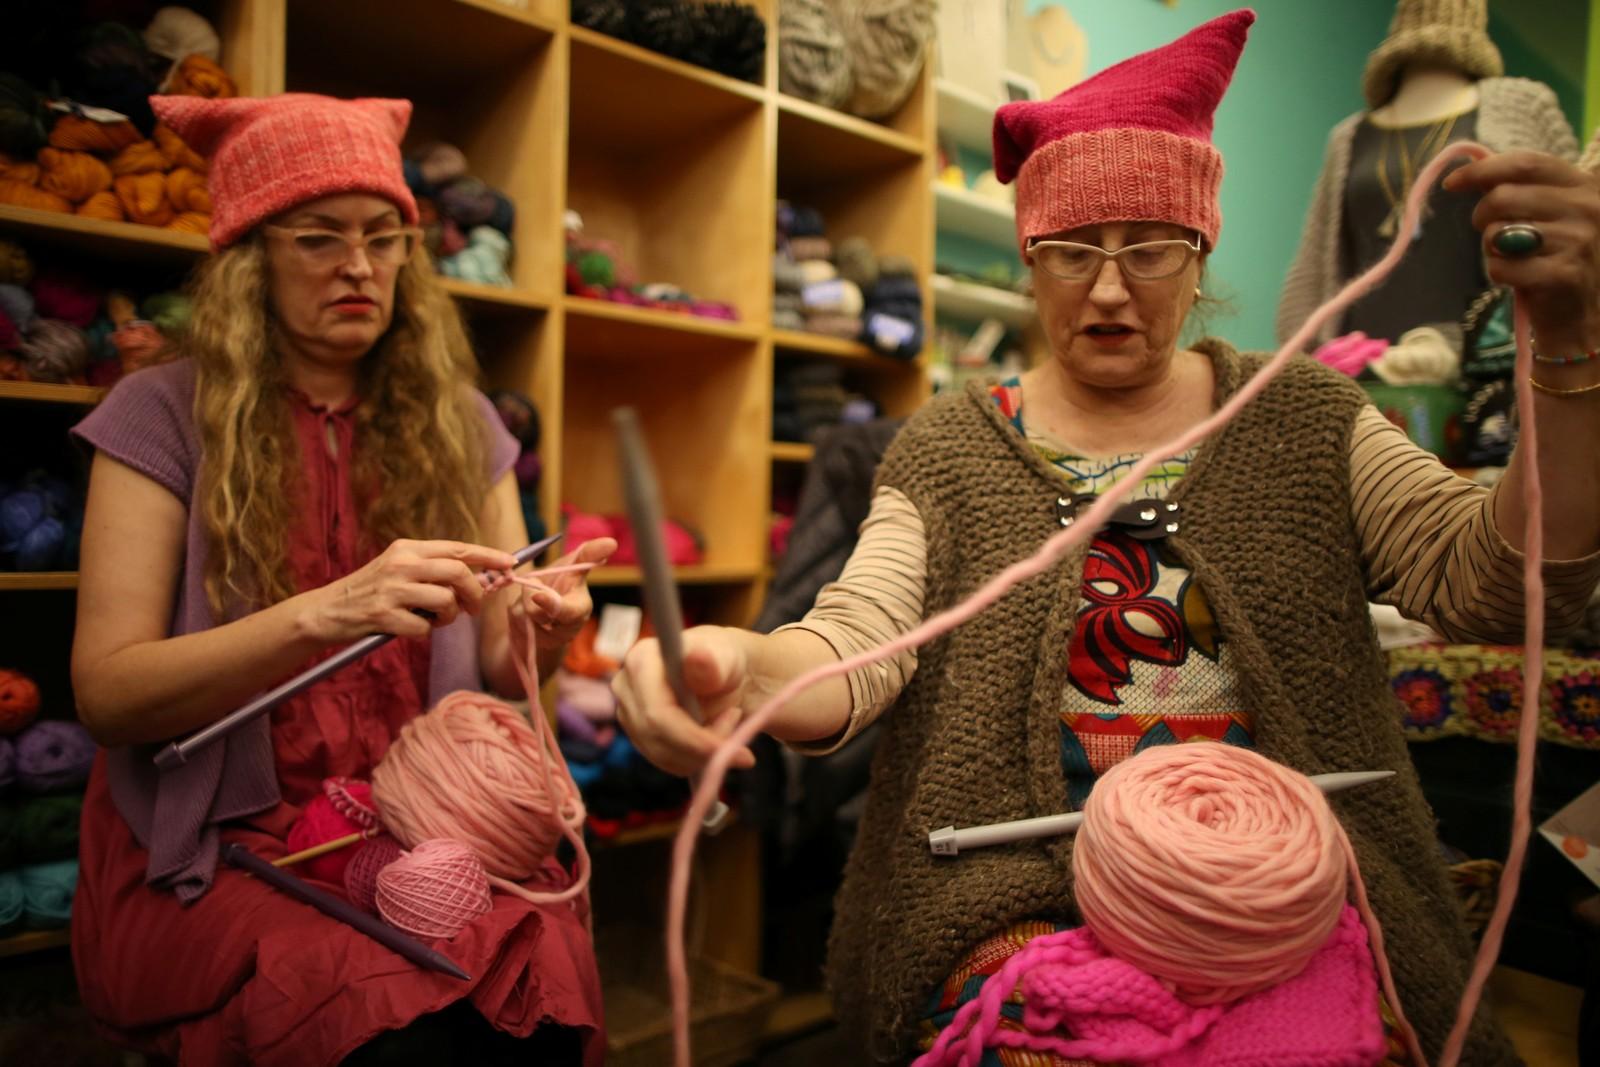 De rosa toppluene kalt «Pussyhats» er strikket verden over. Her er Molly Cleator (t. h) som er en av strikkerne bak de demonstrative hodeplaggene.